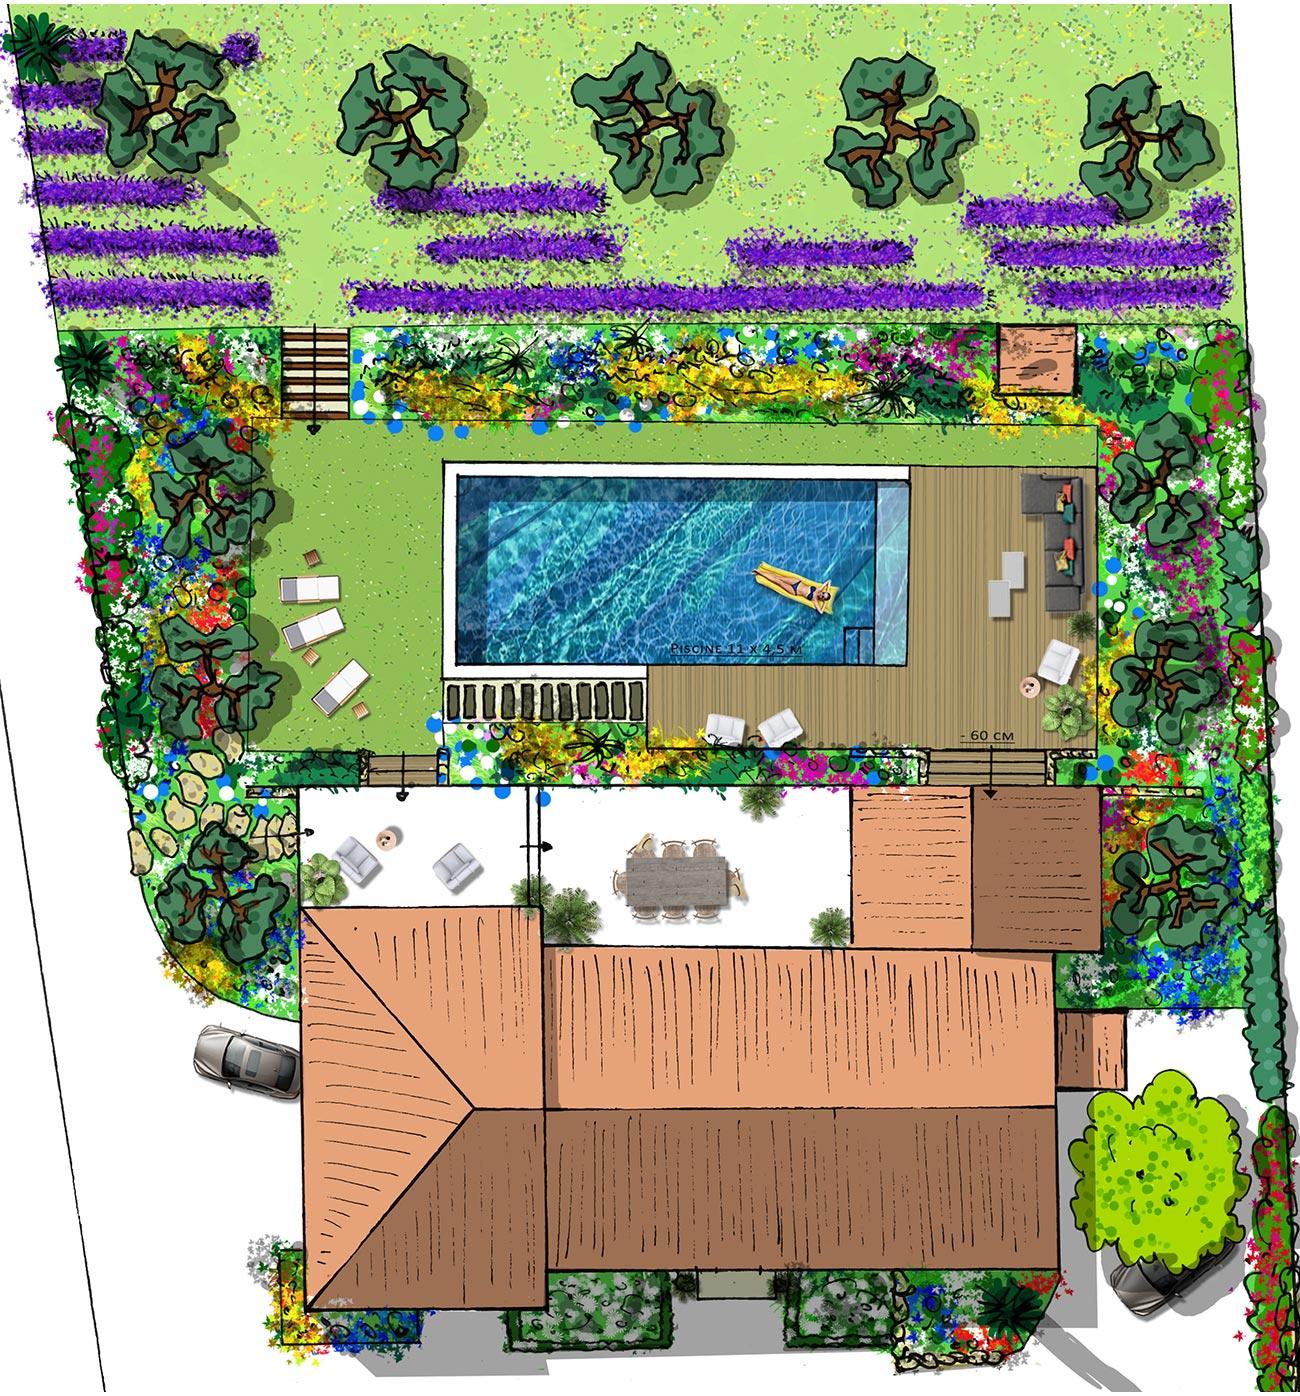 Atelier Naudier - Architecte paysagiste concepteur - Montpellier & Aix en Provence - PLAN PROJET ZOOM - Jardin Piscine